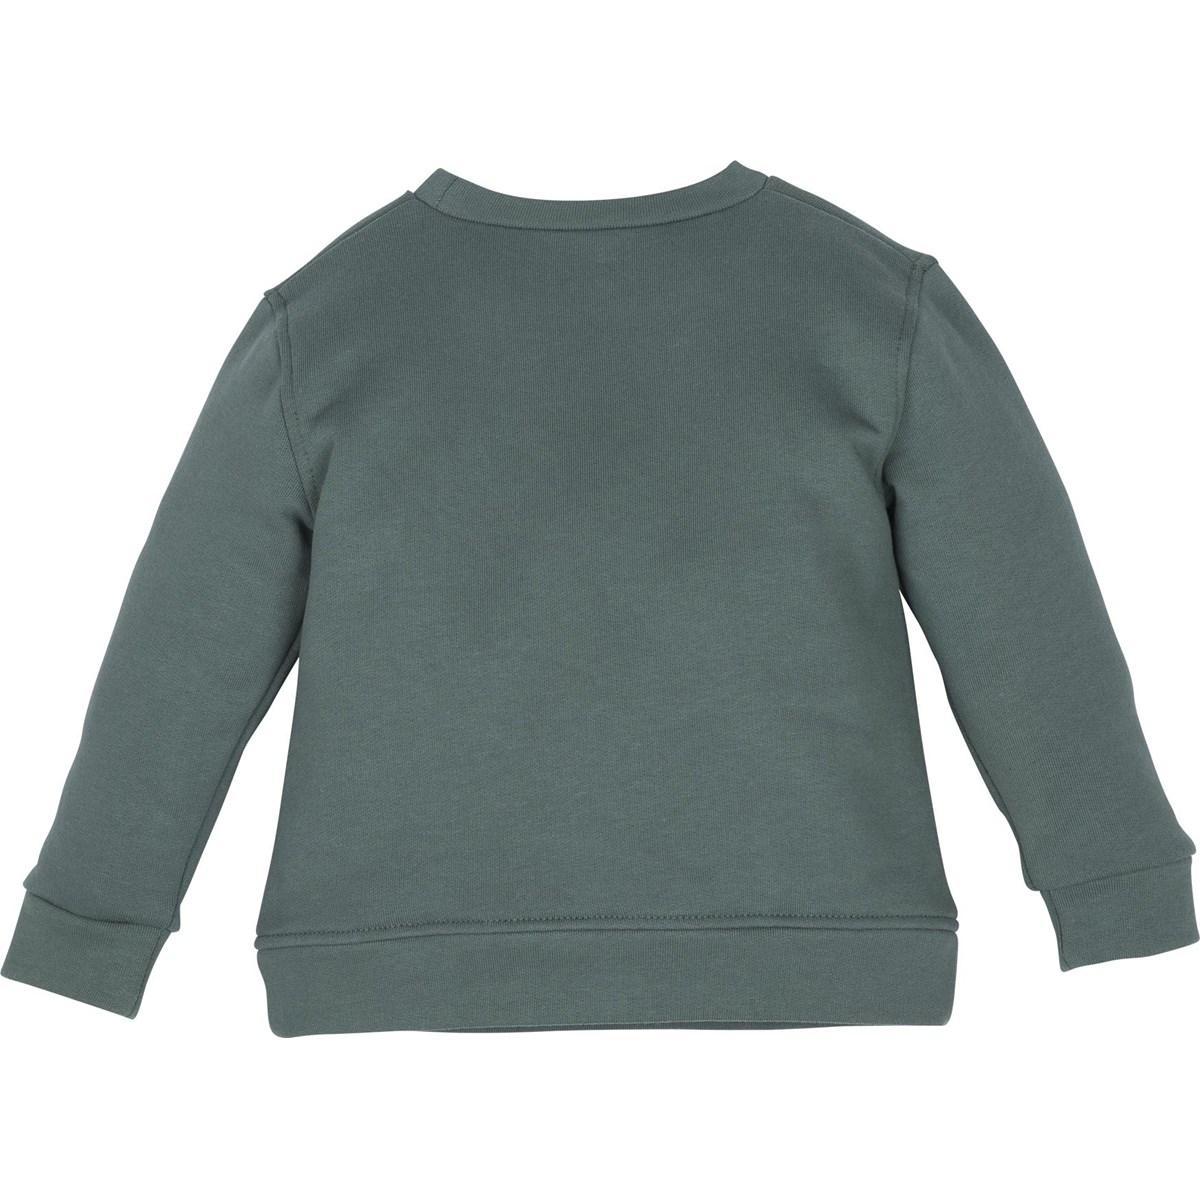 12638 Sweatshirt 2